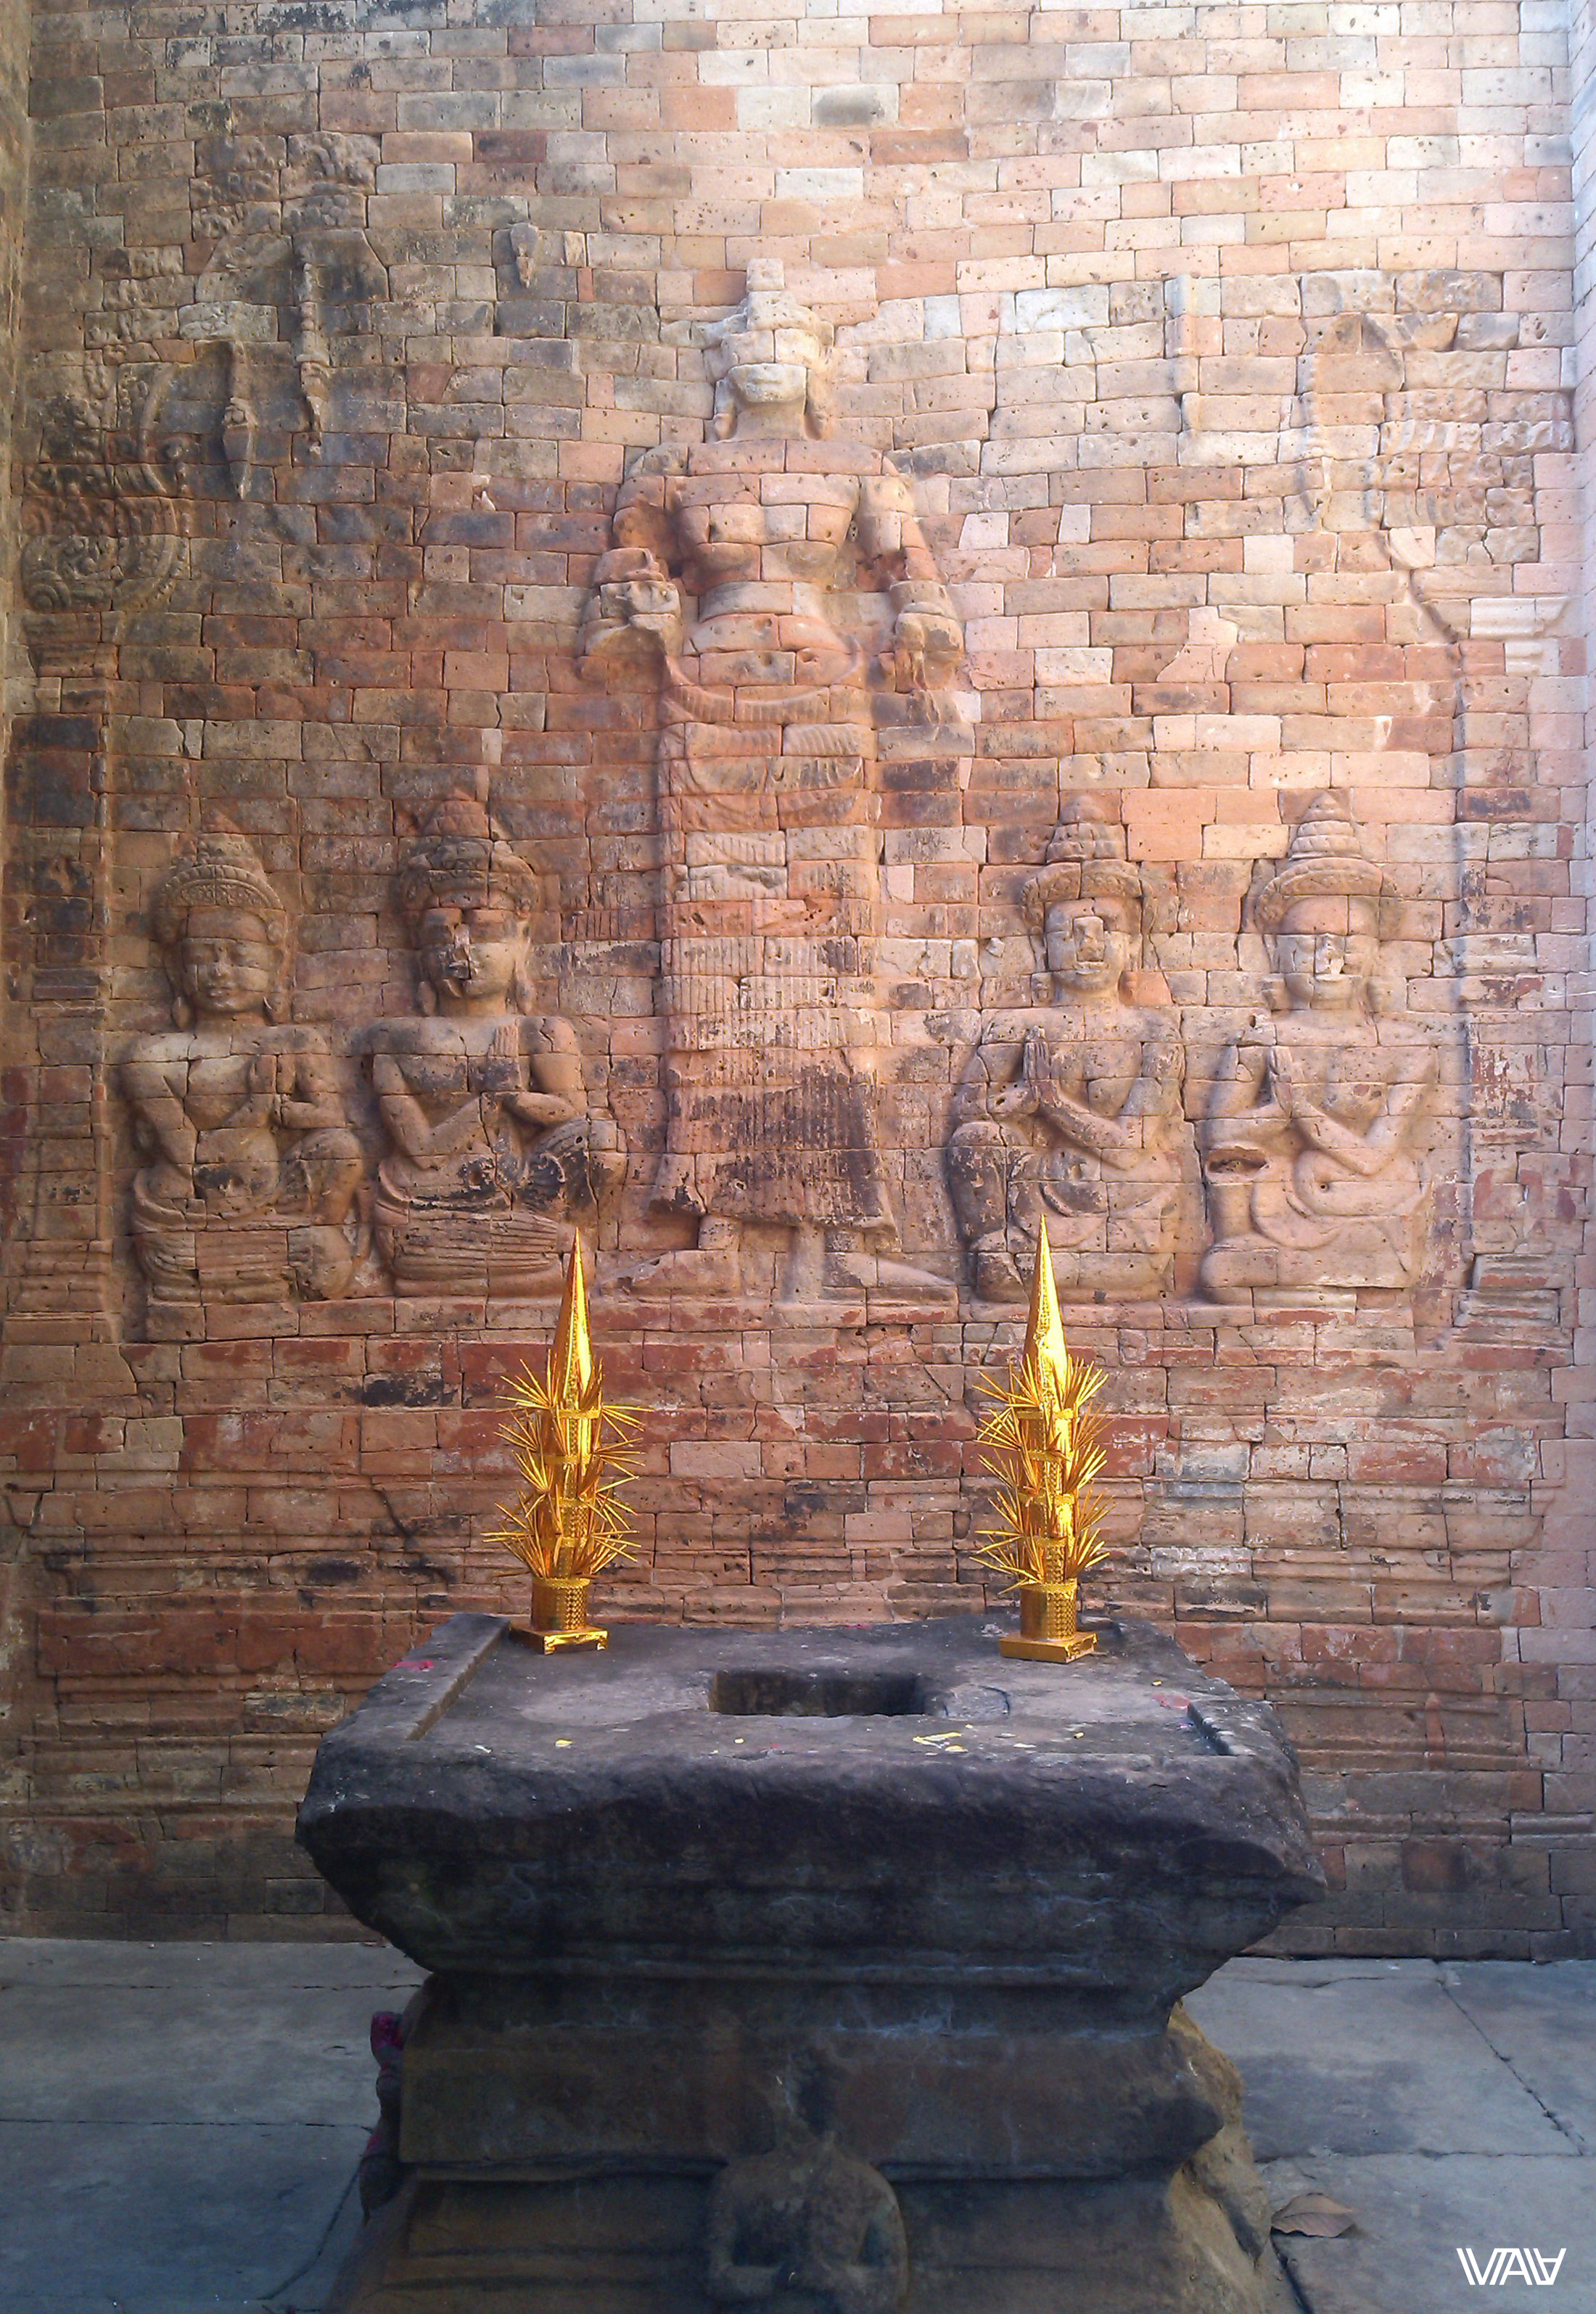 Из древнего в этом прекрасном алтаре только он и стена за ним. Но это не точно! Прасат Краван, Ангкор, Камбоджа